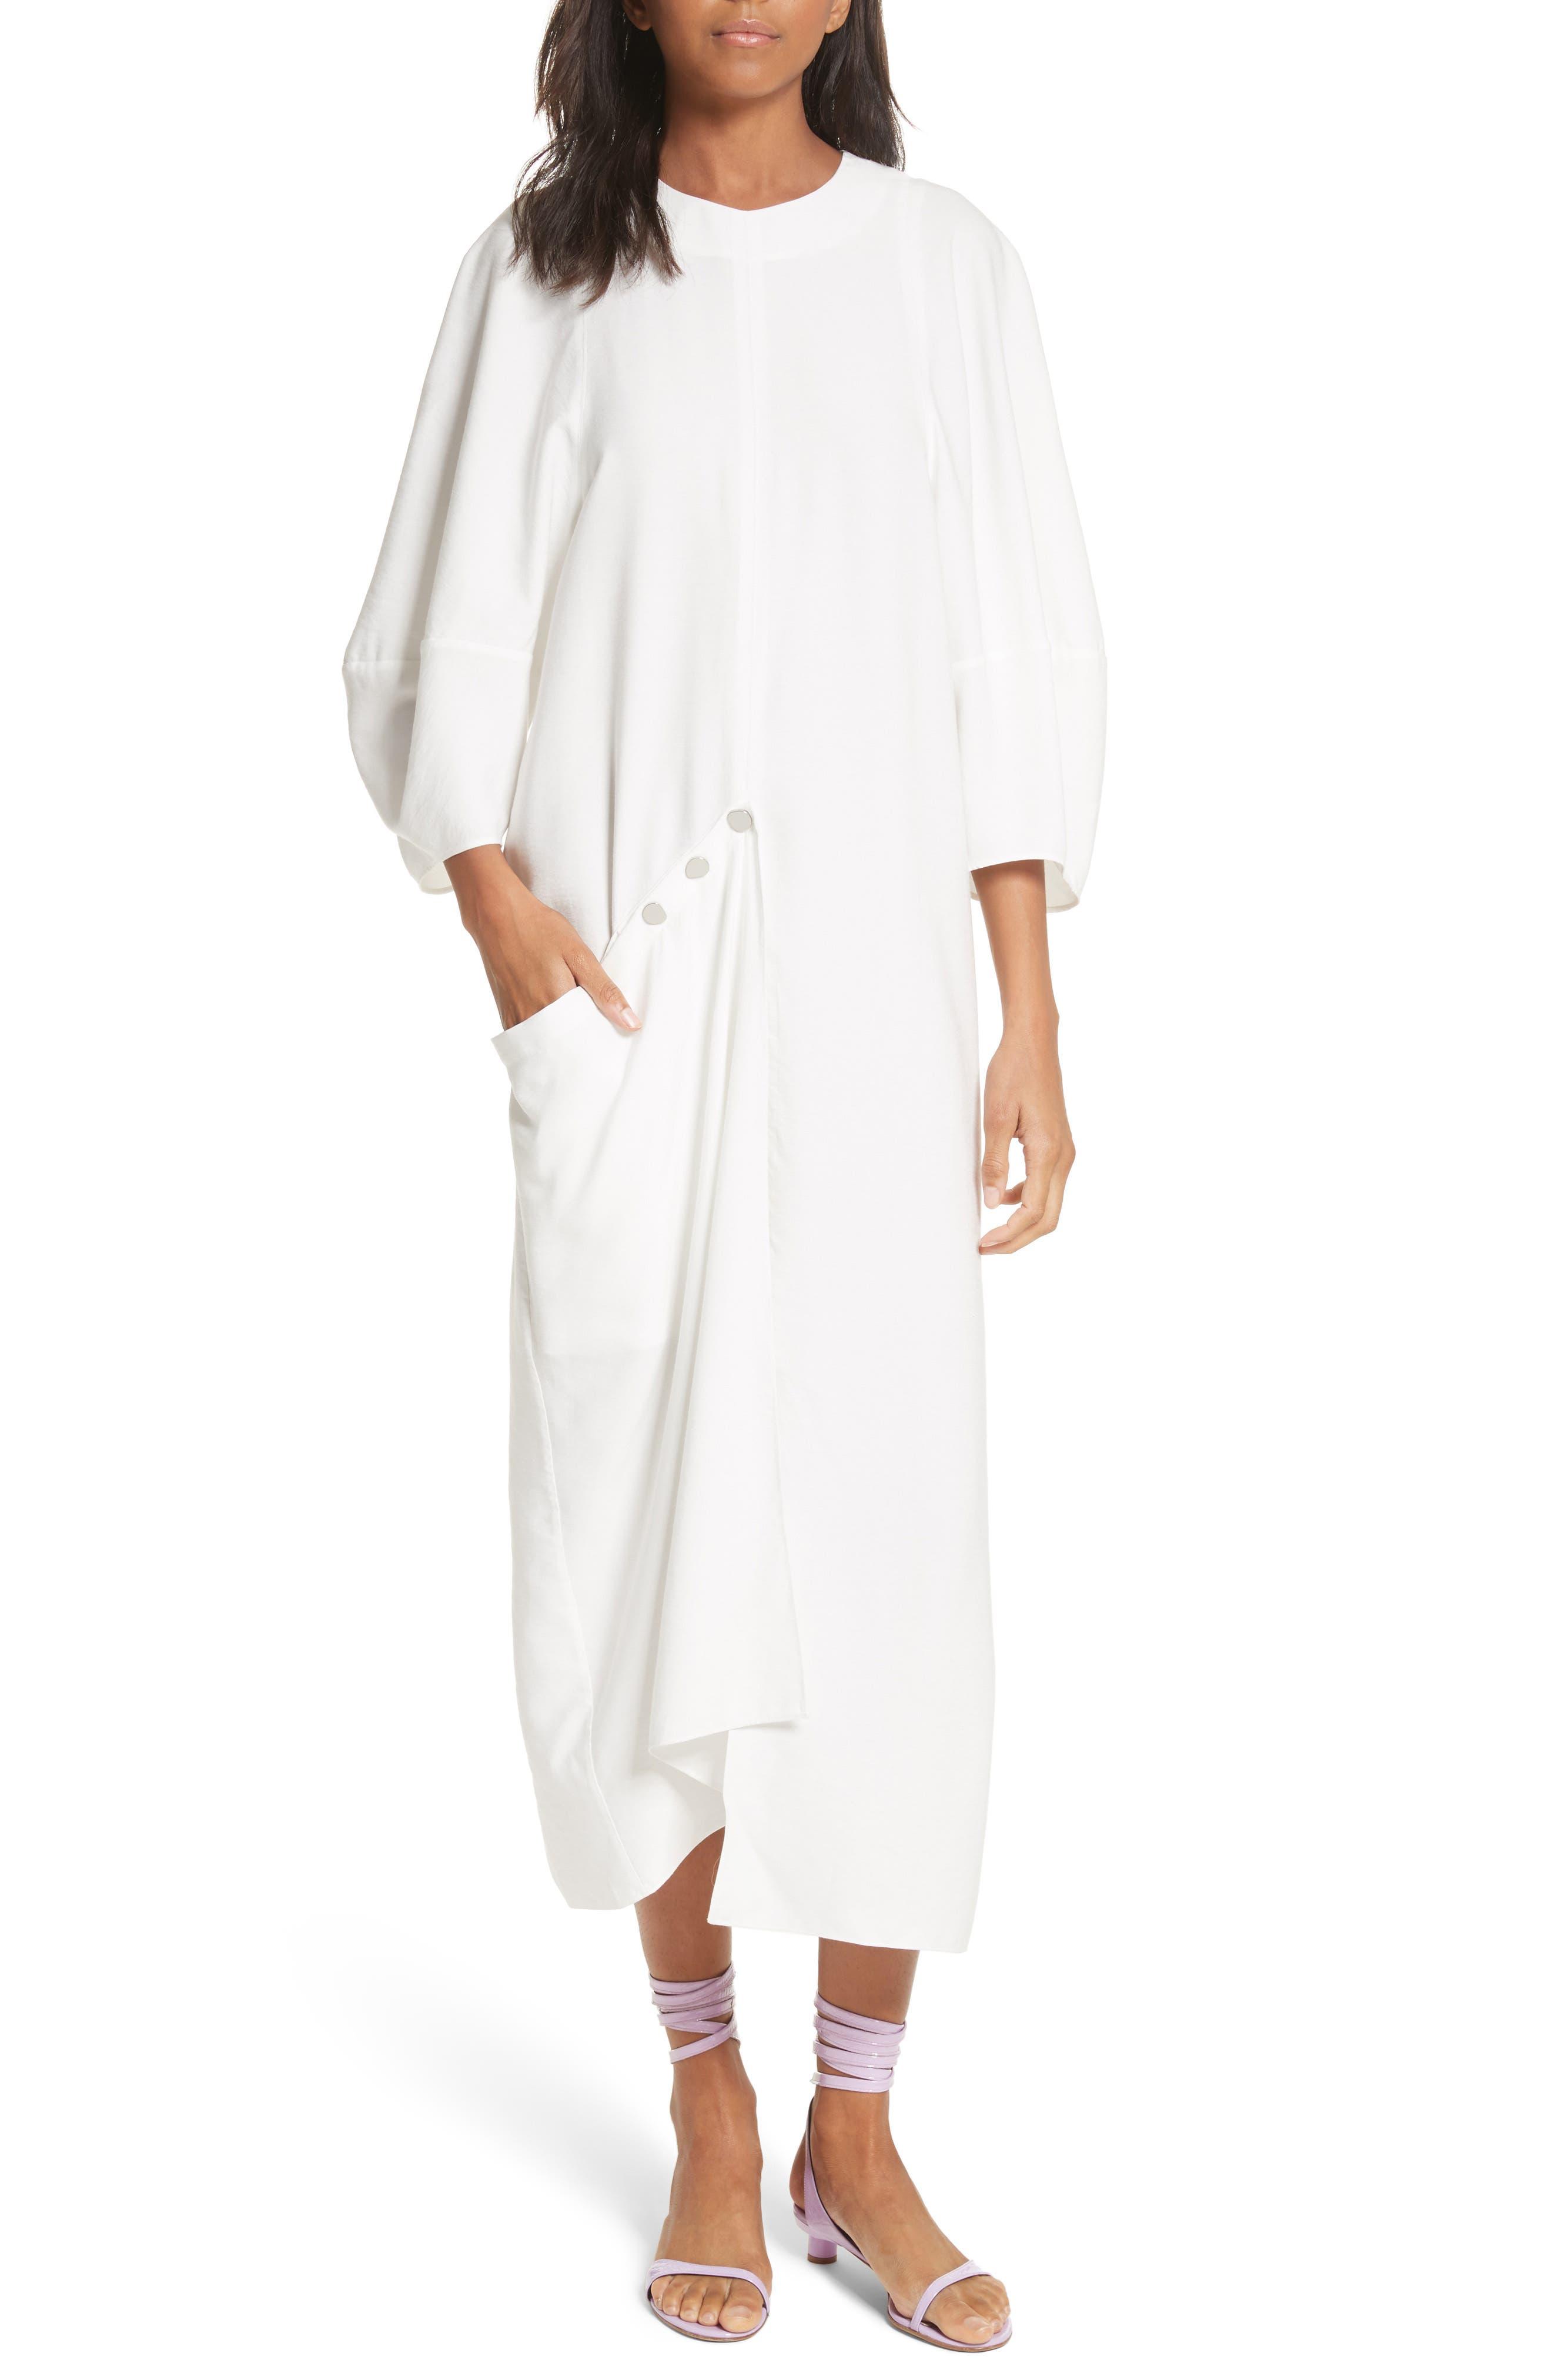 Tibi Asymmetrical Flap Dress